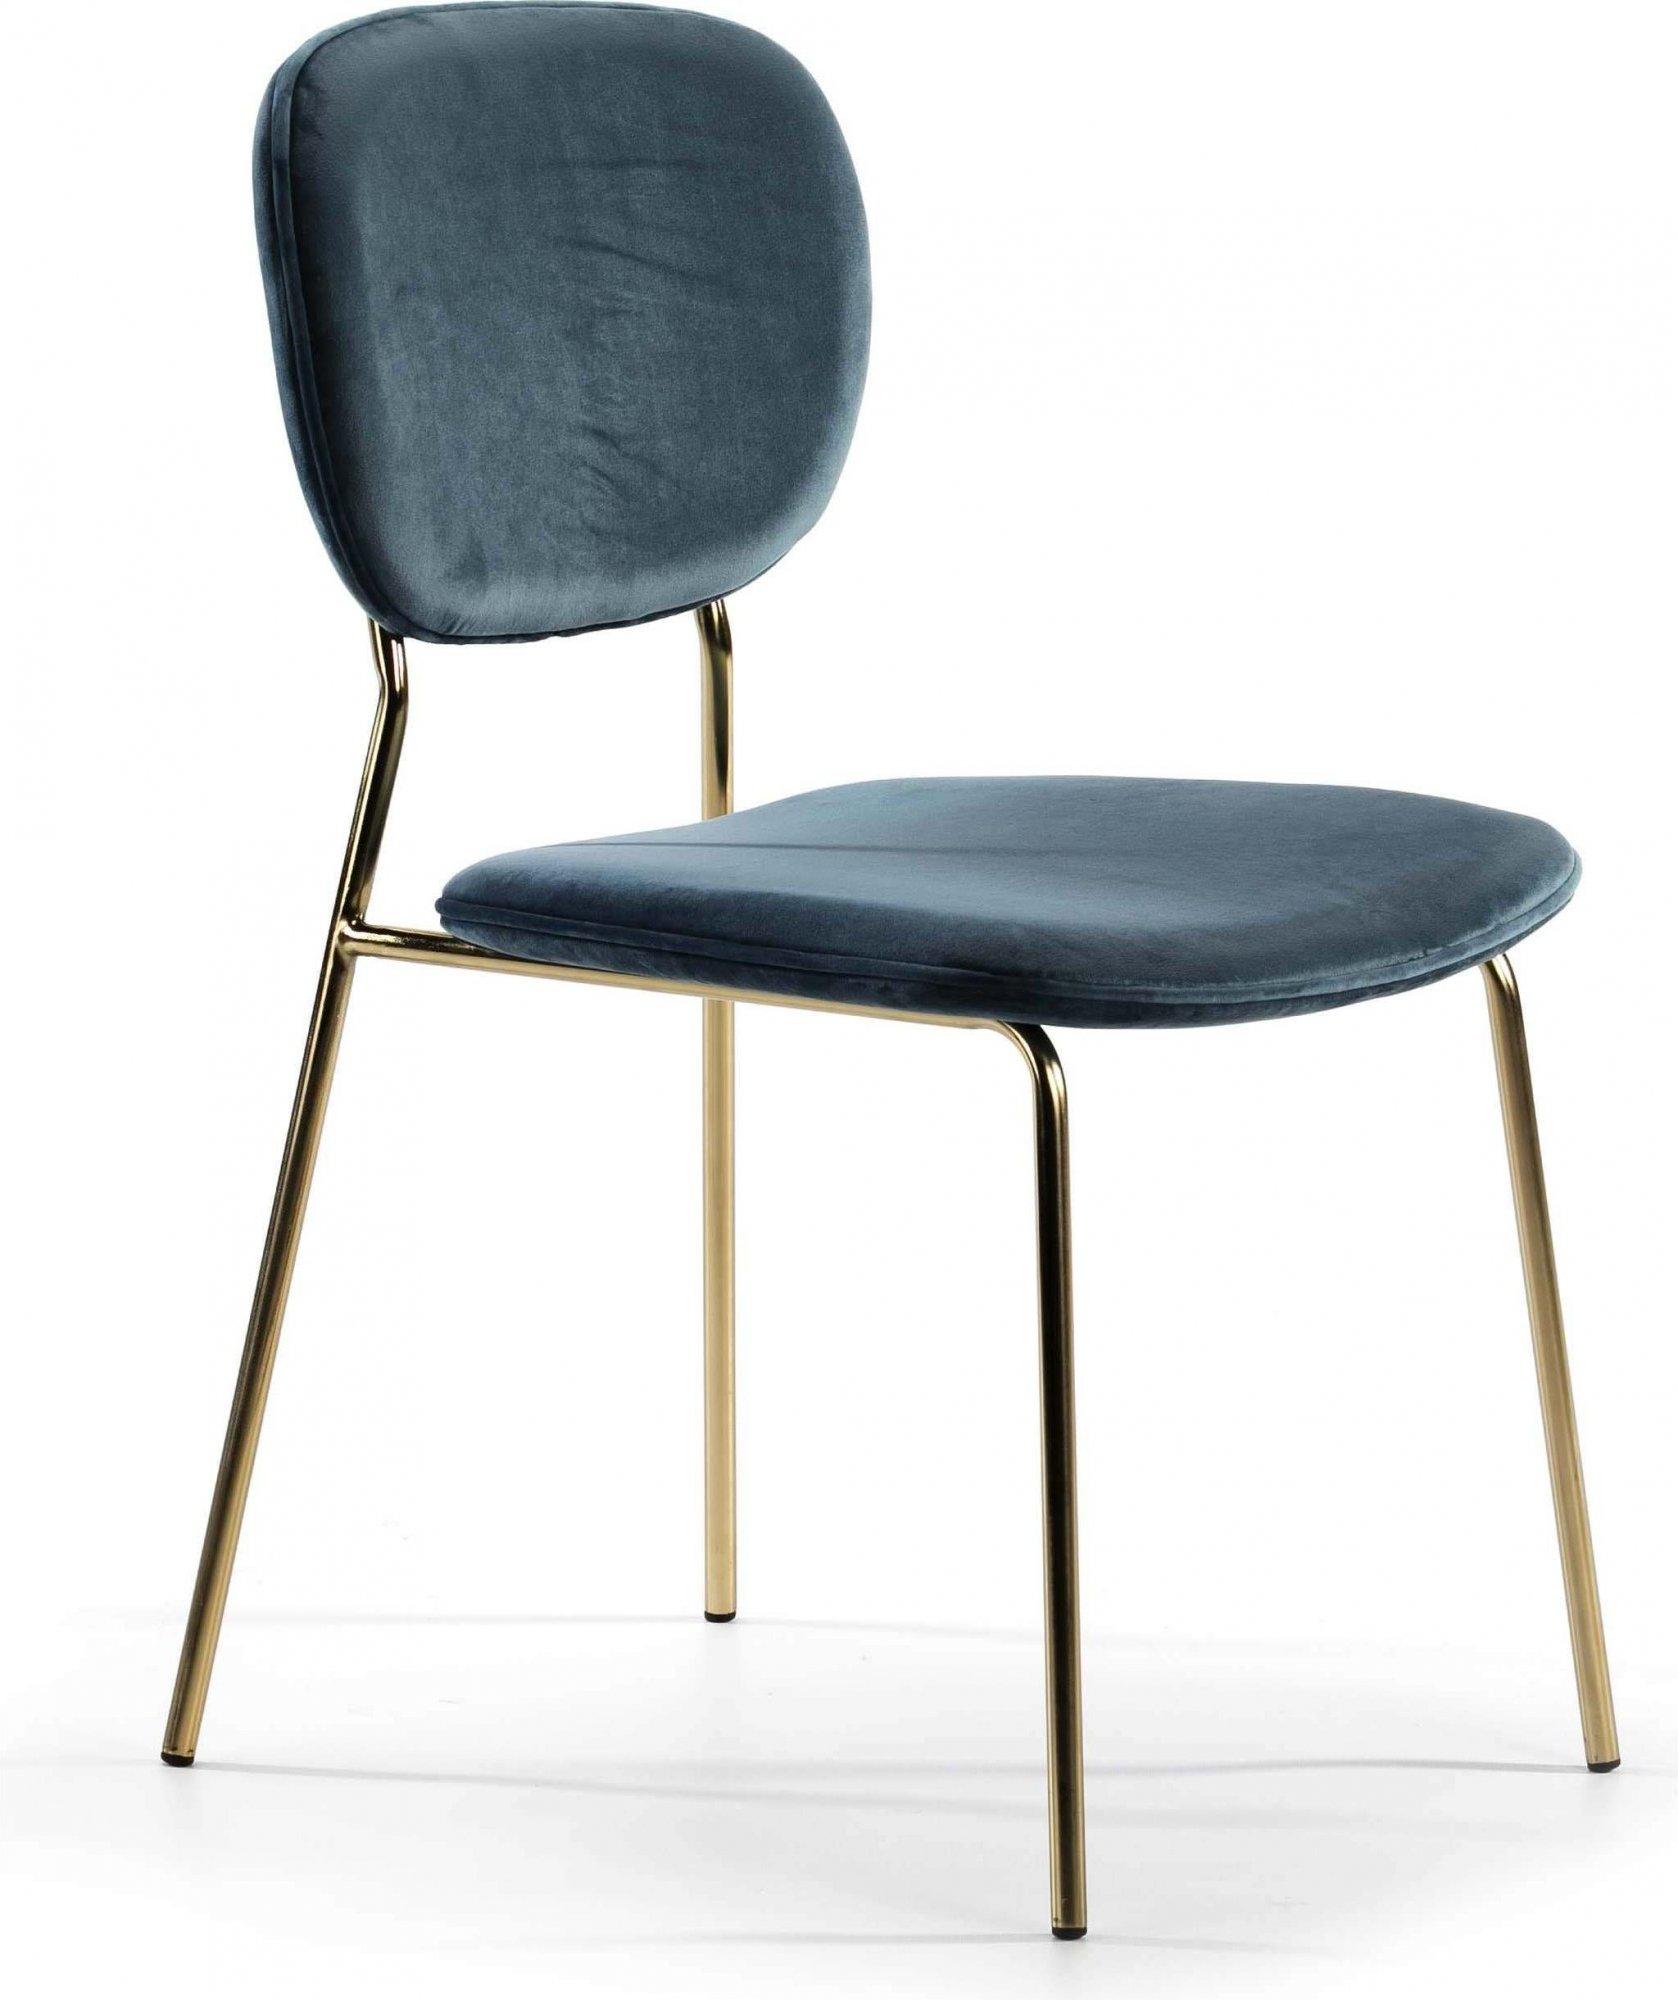 Chaise design rembourrée couleur bleu pétrole pieds doré